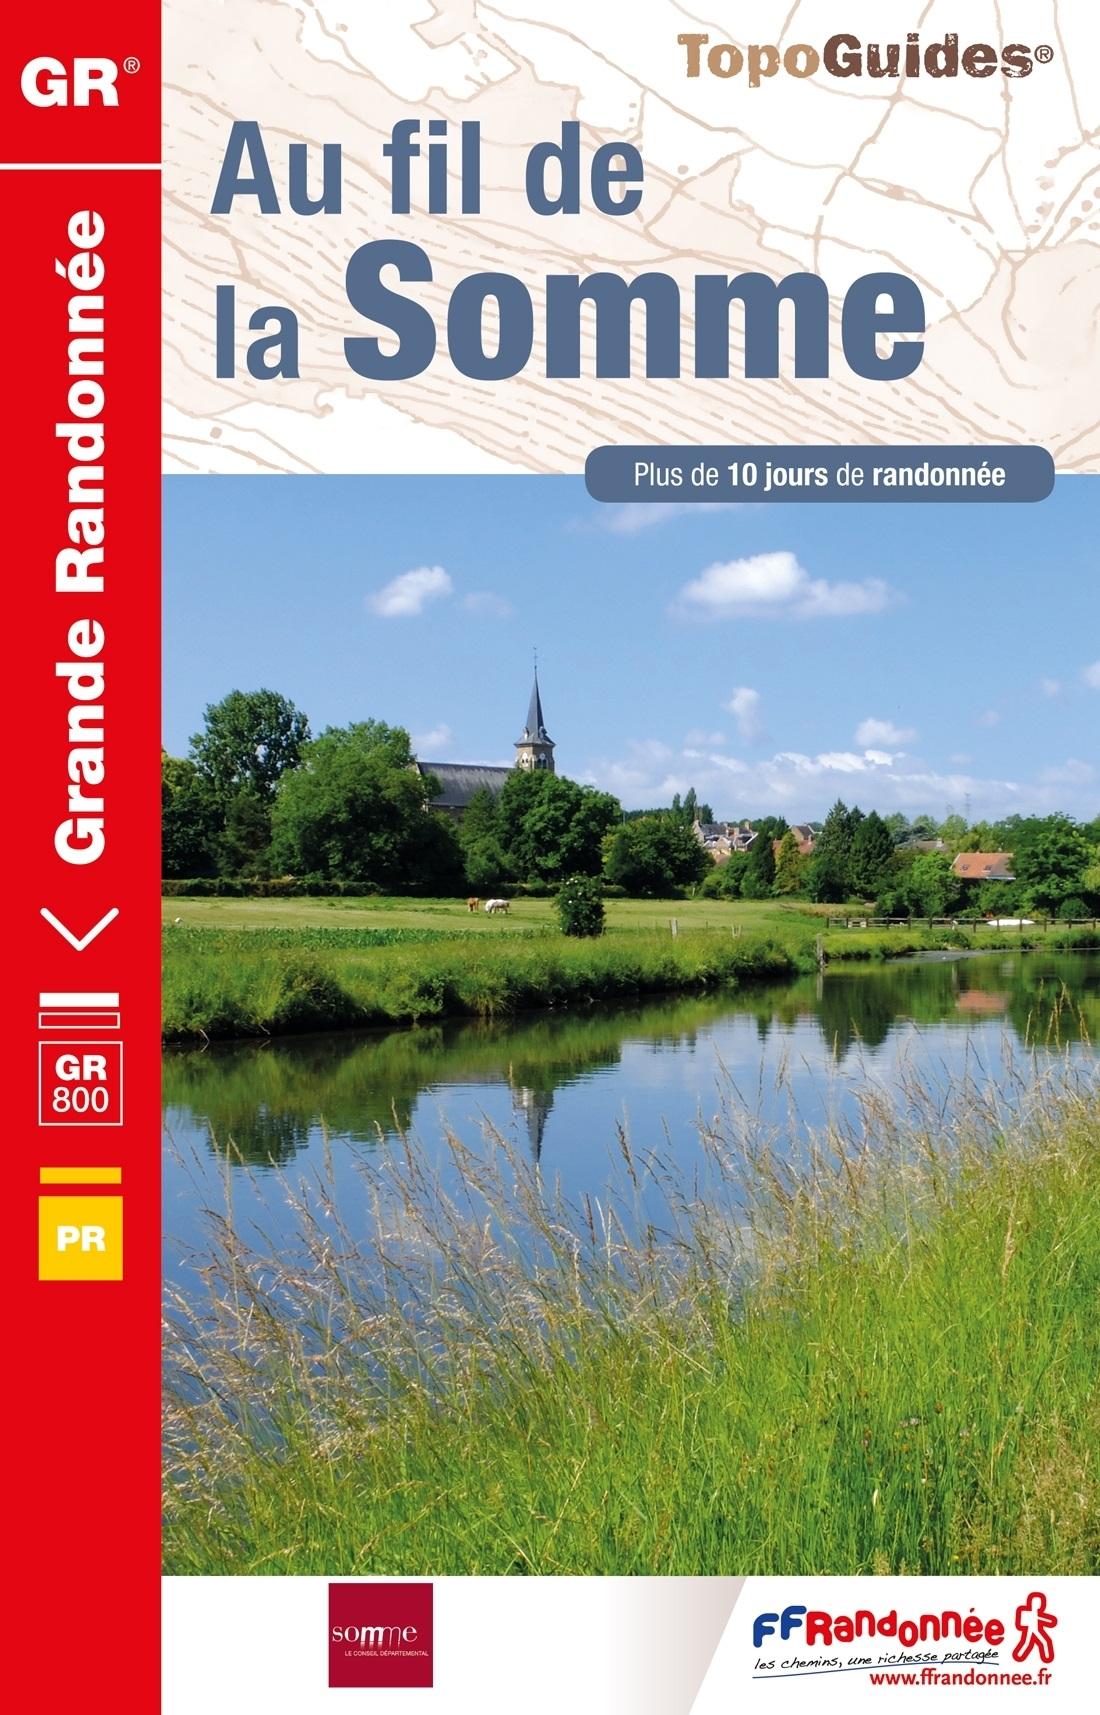 TG8000 Au fil de la Somme GR-800 9782751410116  FFRP Topoguides  Meerdaagse wandelroutes, Wandelgidsen Normandië